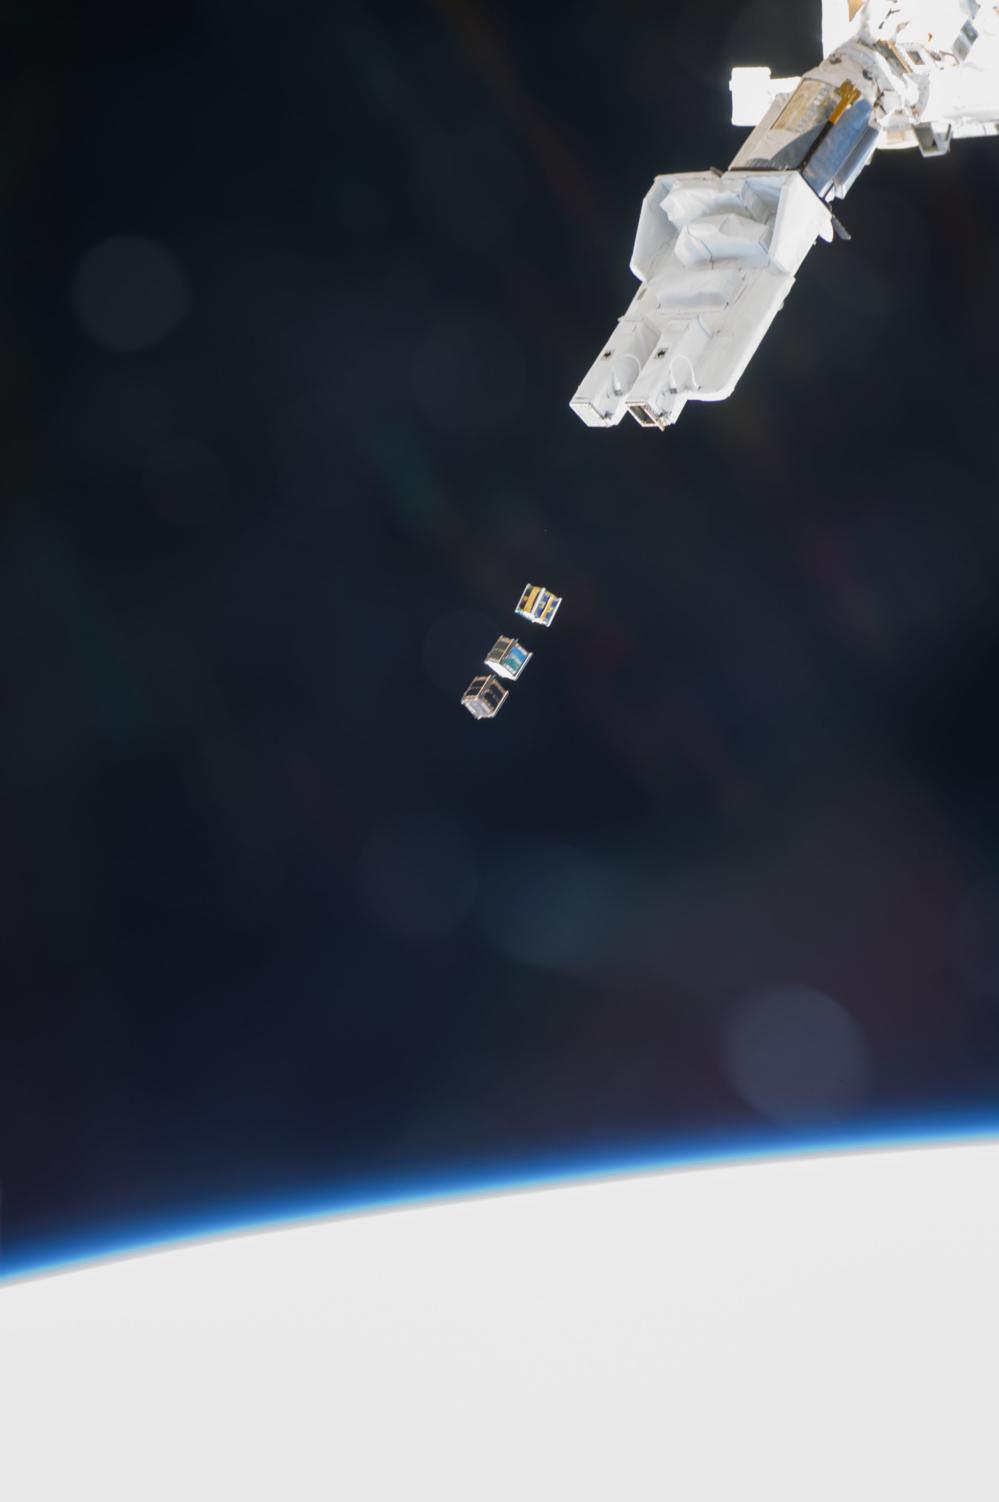 Cubesatellitter frisettes fra robotarmen på den japanske laboratoriemodulen på romstasjonen i november 2013. Foto: NASA